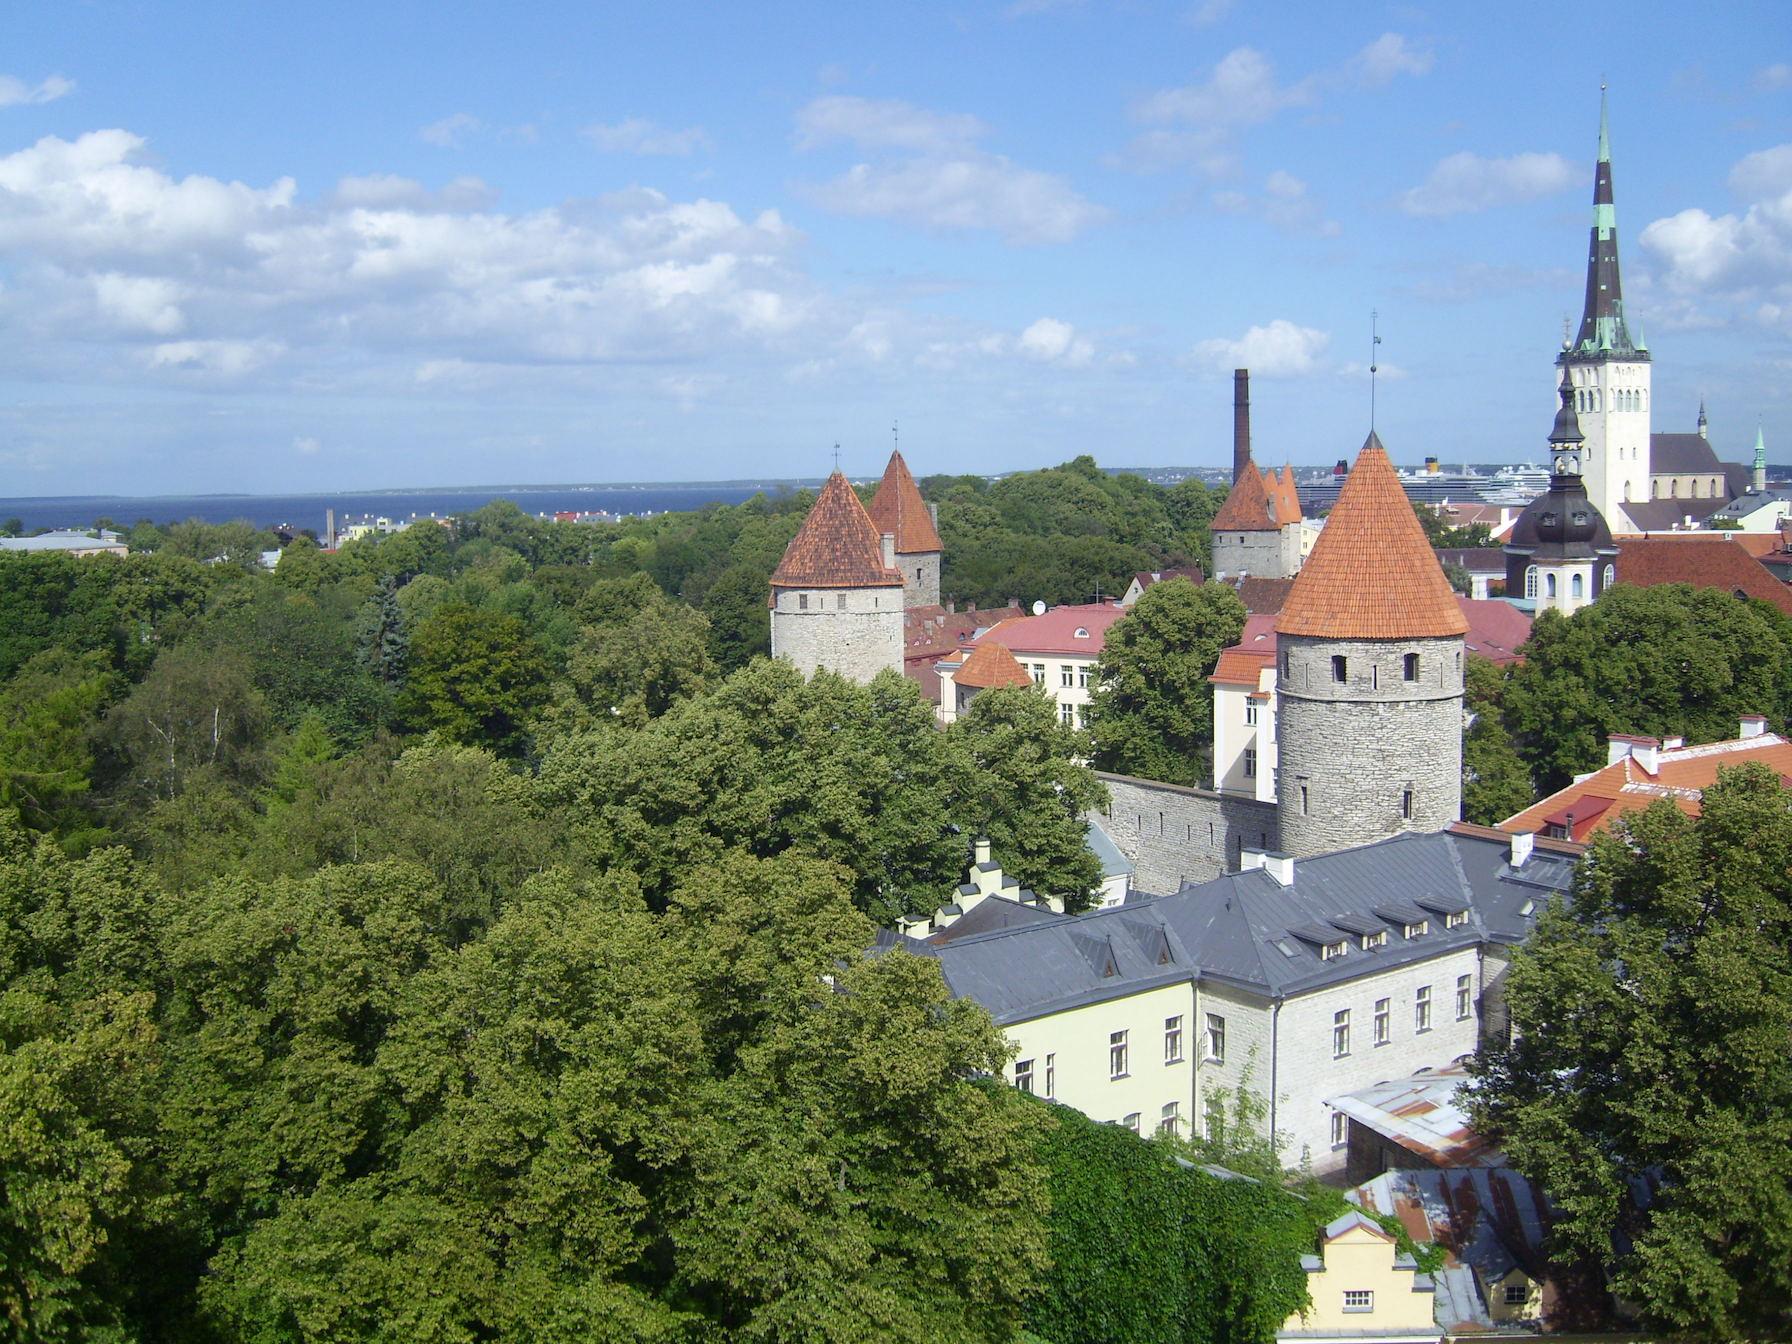 Wer viel Regatta segelt, kann schöne Städte entdecken. Die Altstadt von Tallinn gehört definitiv dazu.